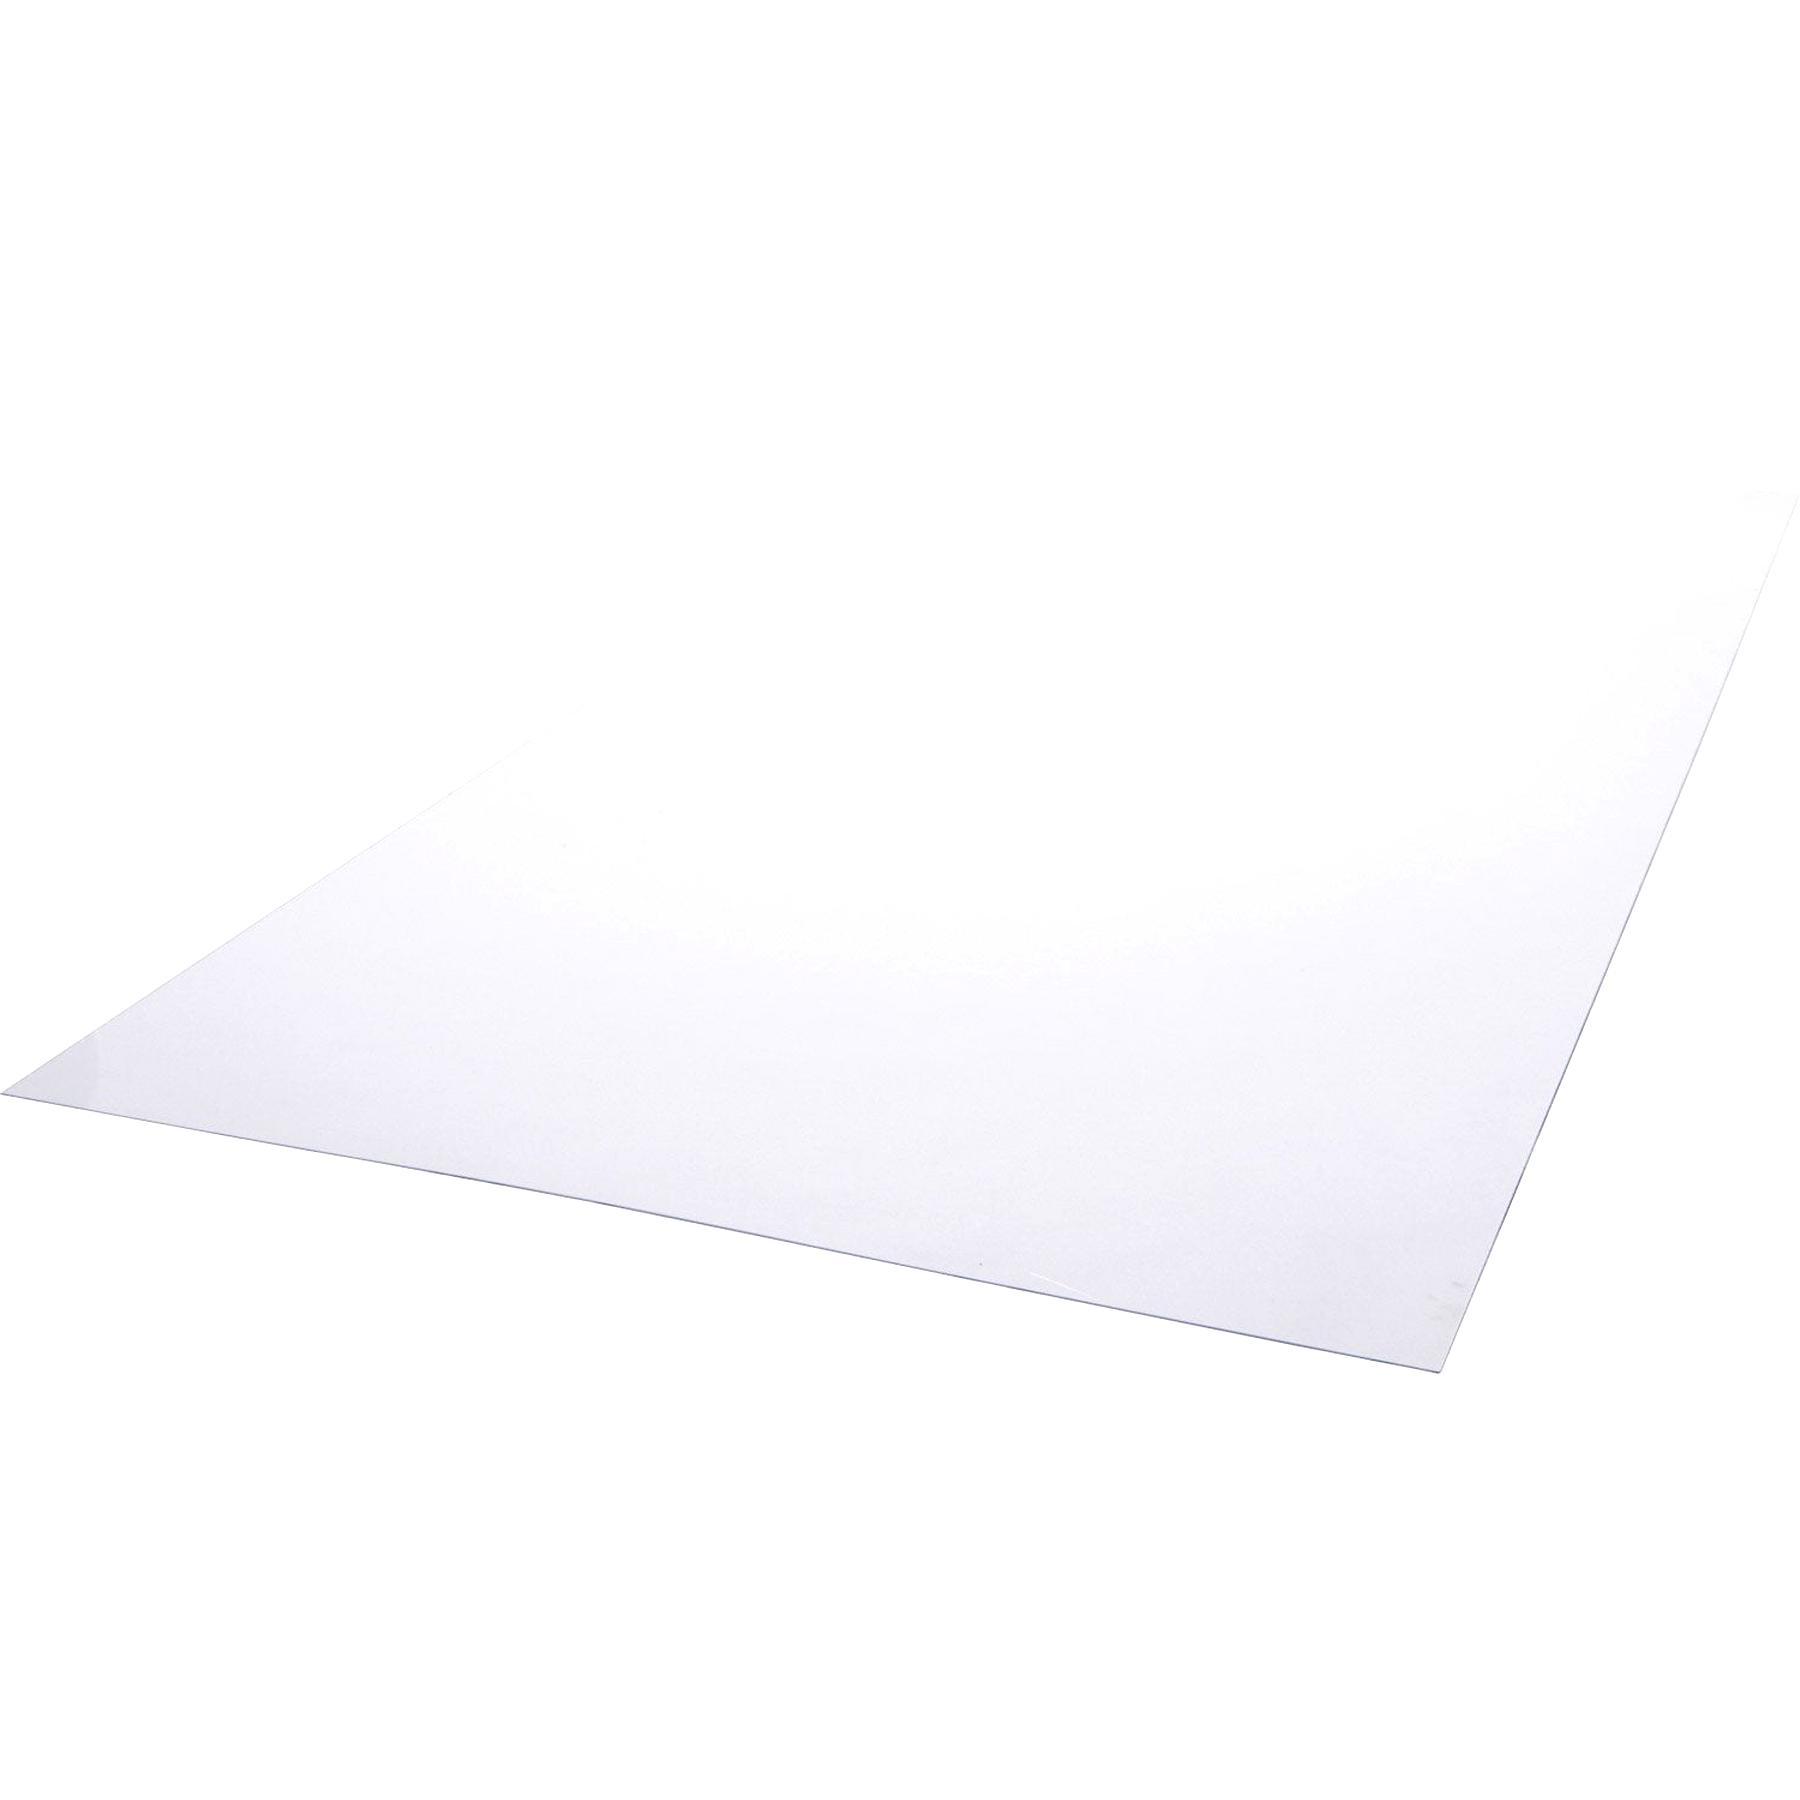 Plaque coup/é PVC rigide 1000 x 495 x 3 mm noir